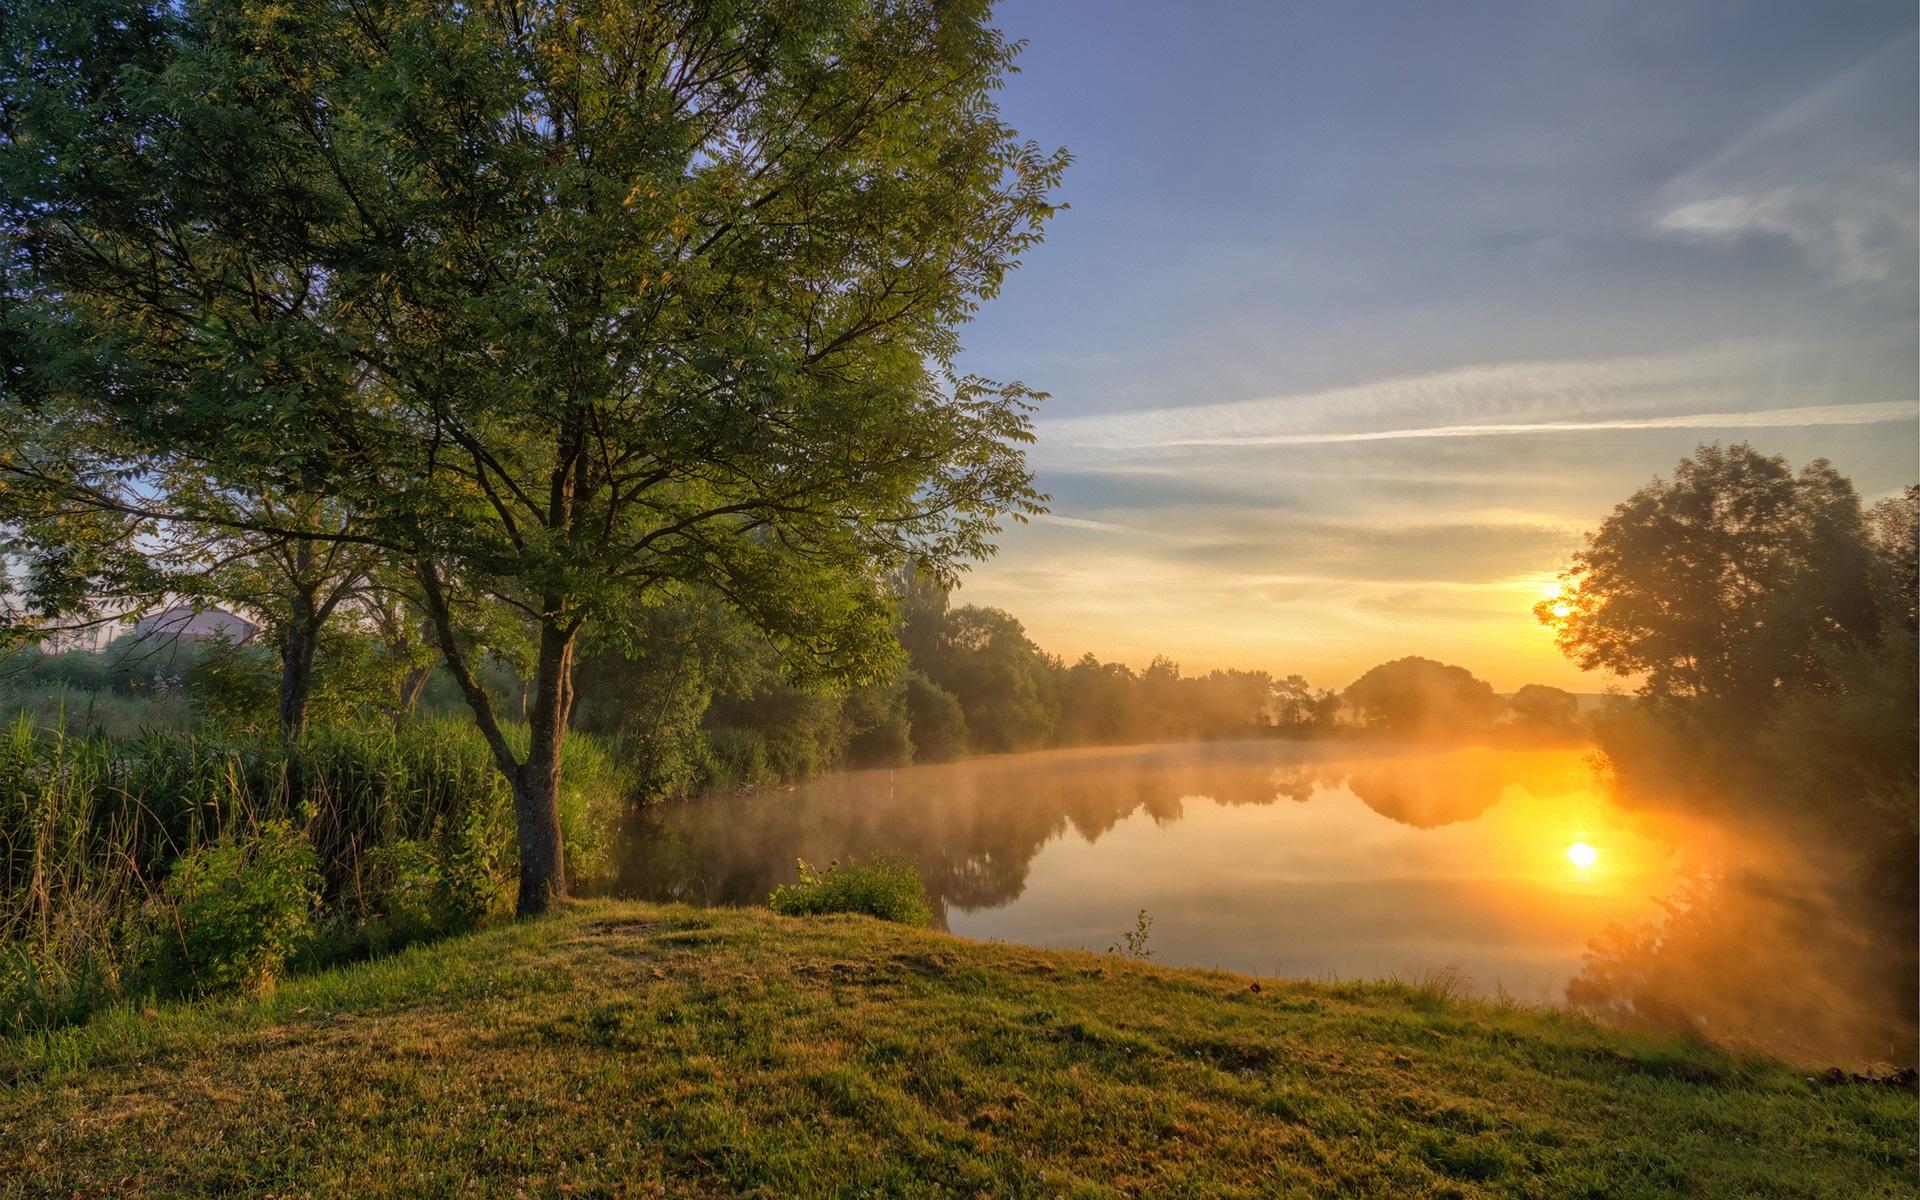 исправляют утро лето рассвет солнце красивые картинки идиотизм если